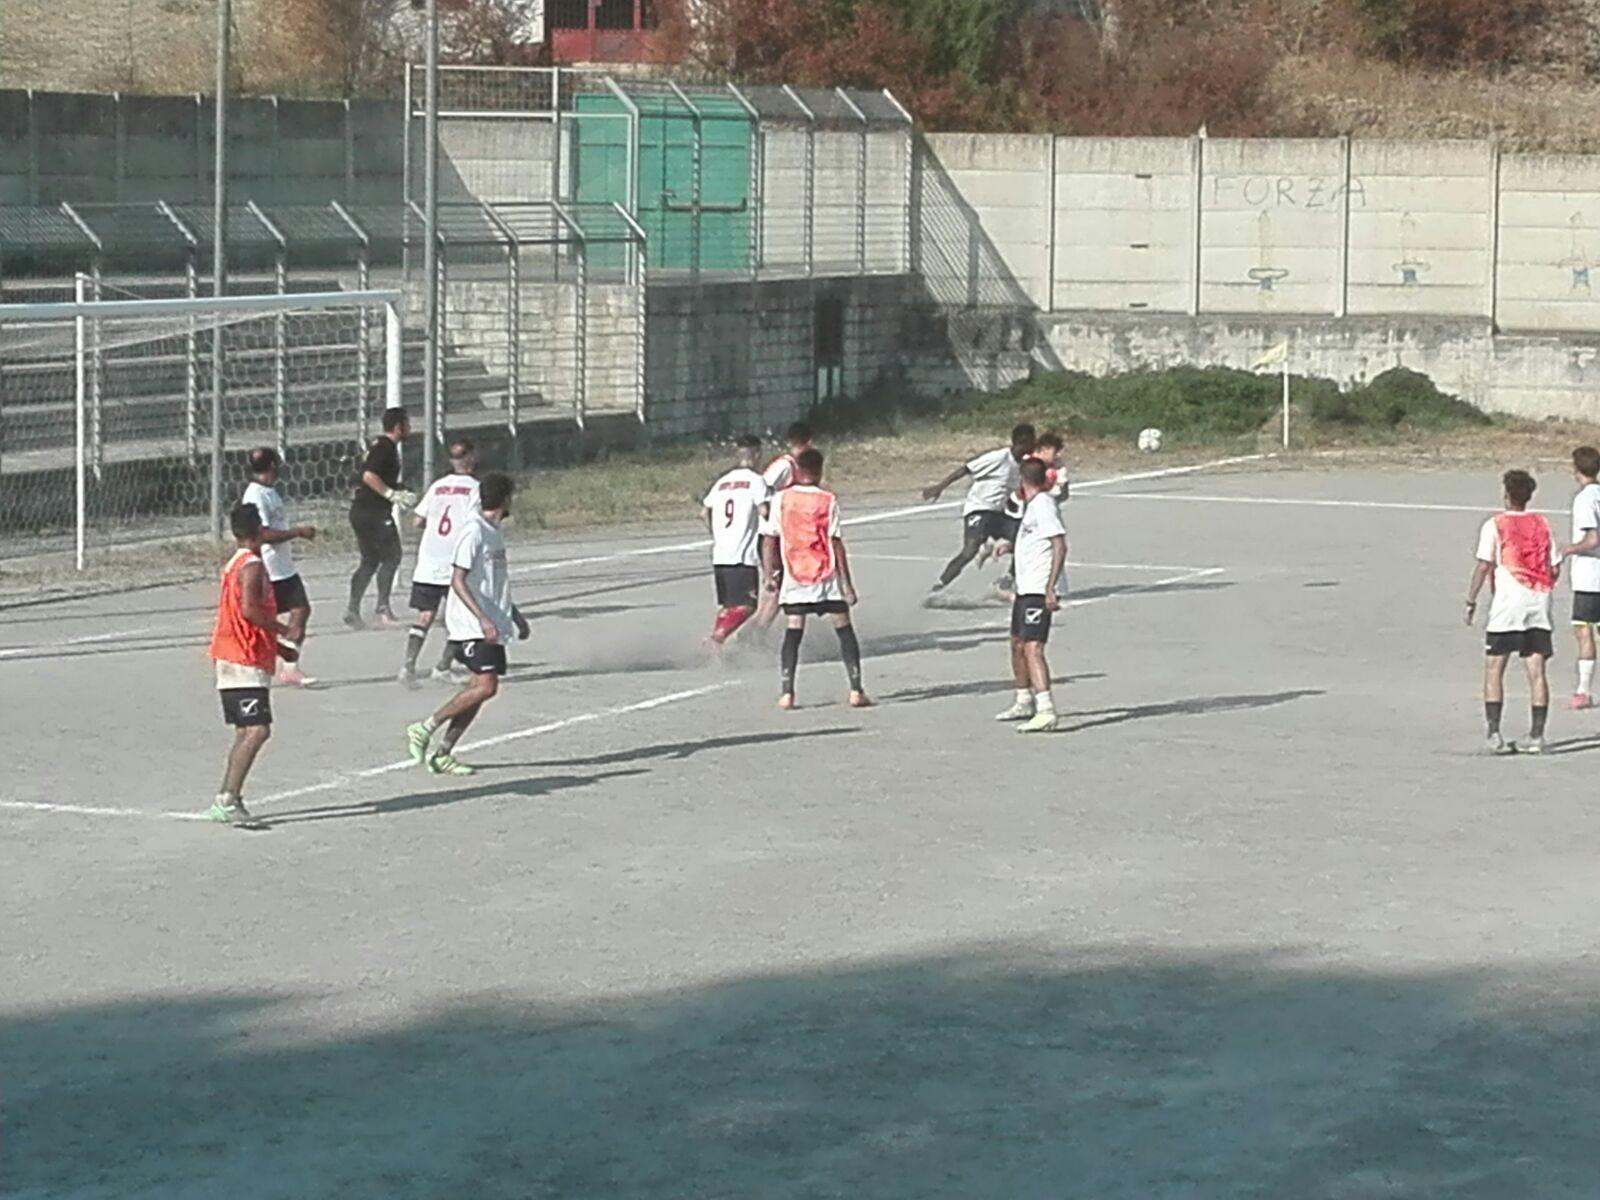 Lioni-Eclanese 1-3: buona prestazione per i ragazzi di mister Martino